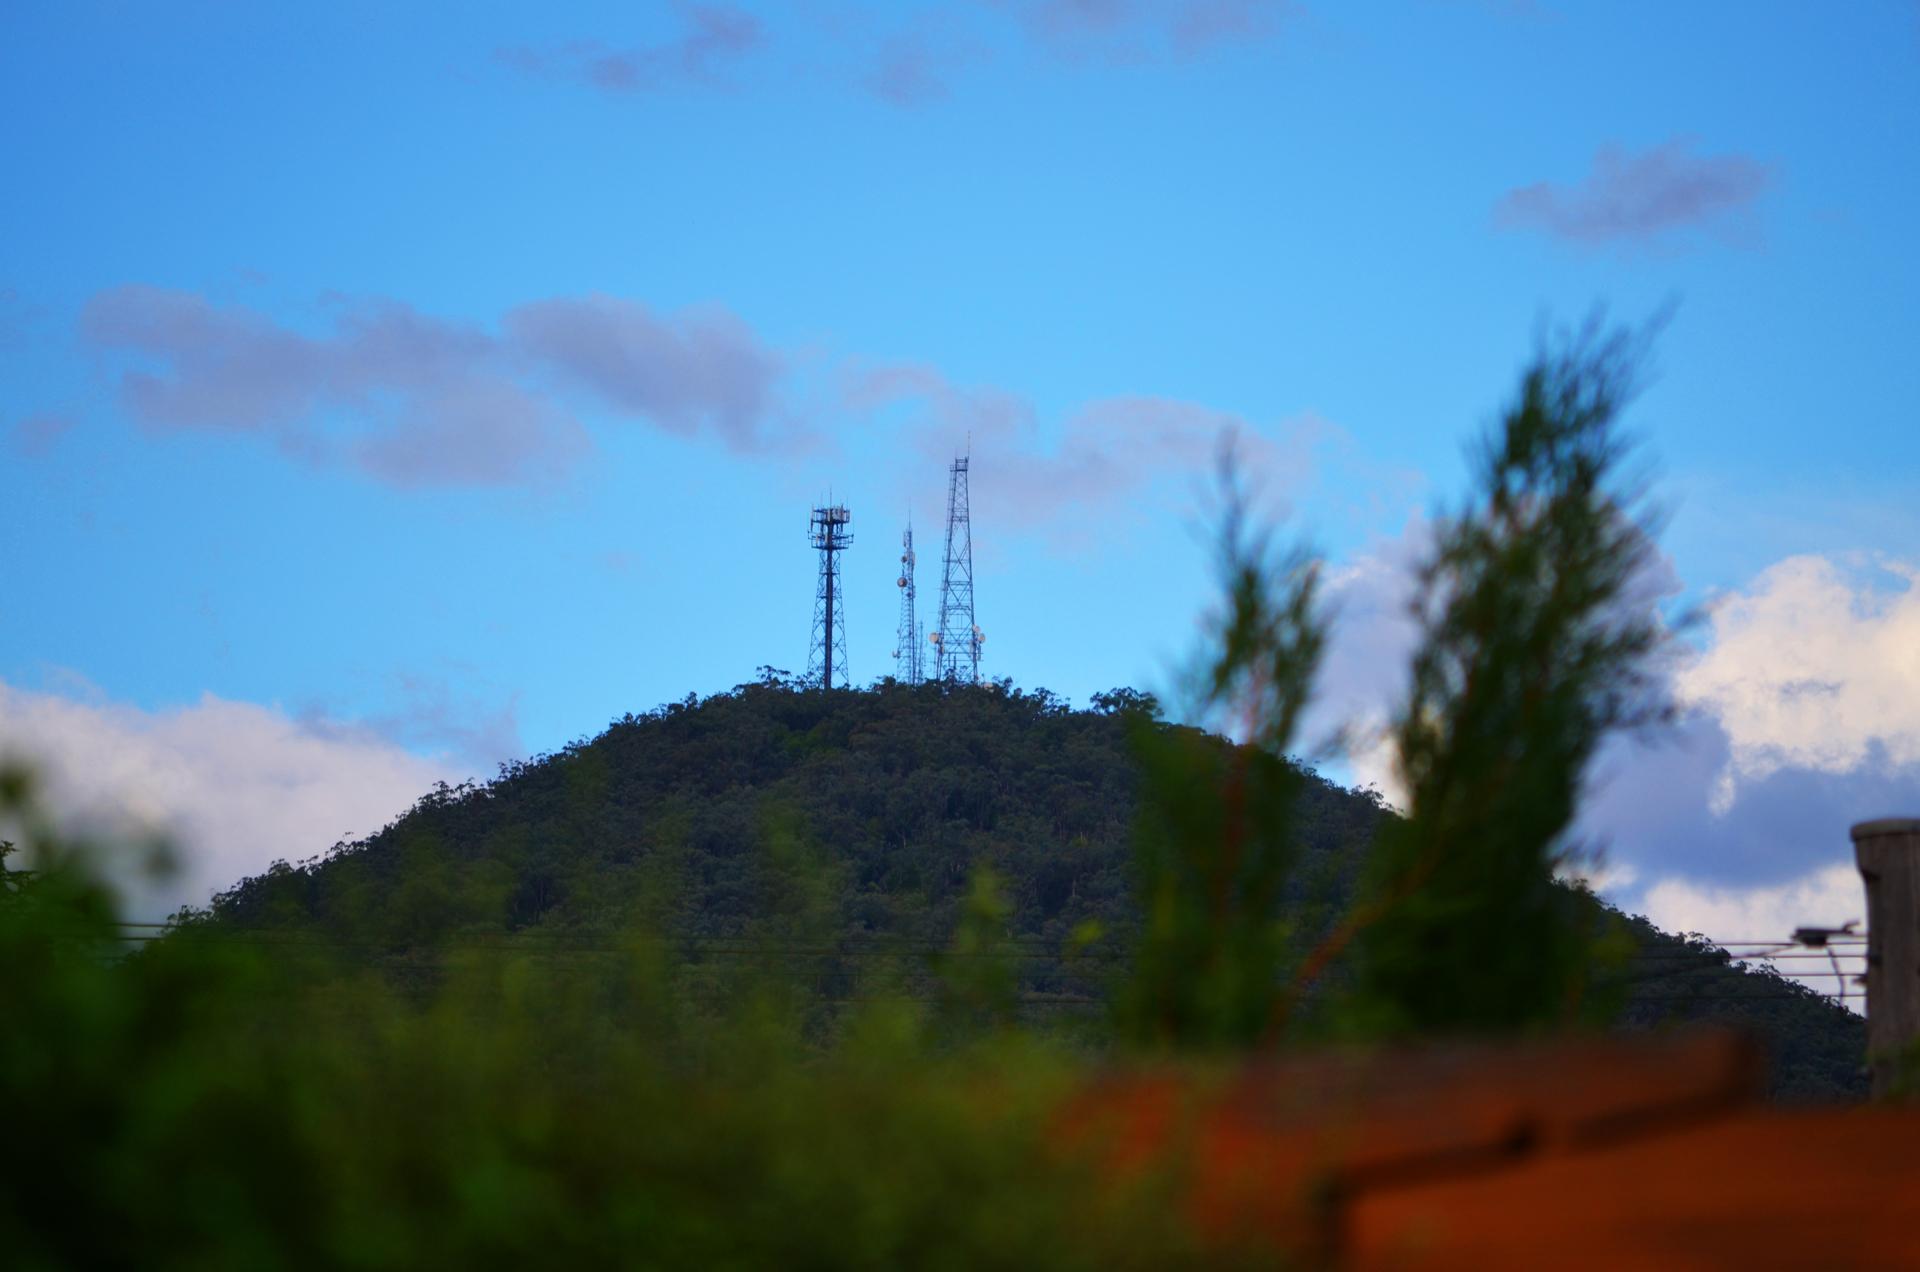 88.9 Transmitter Tower